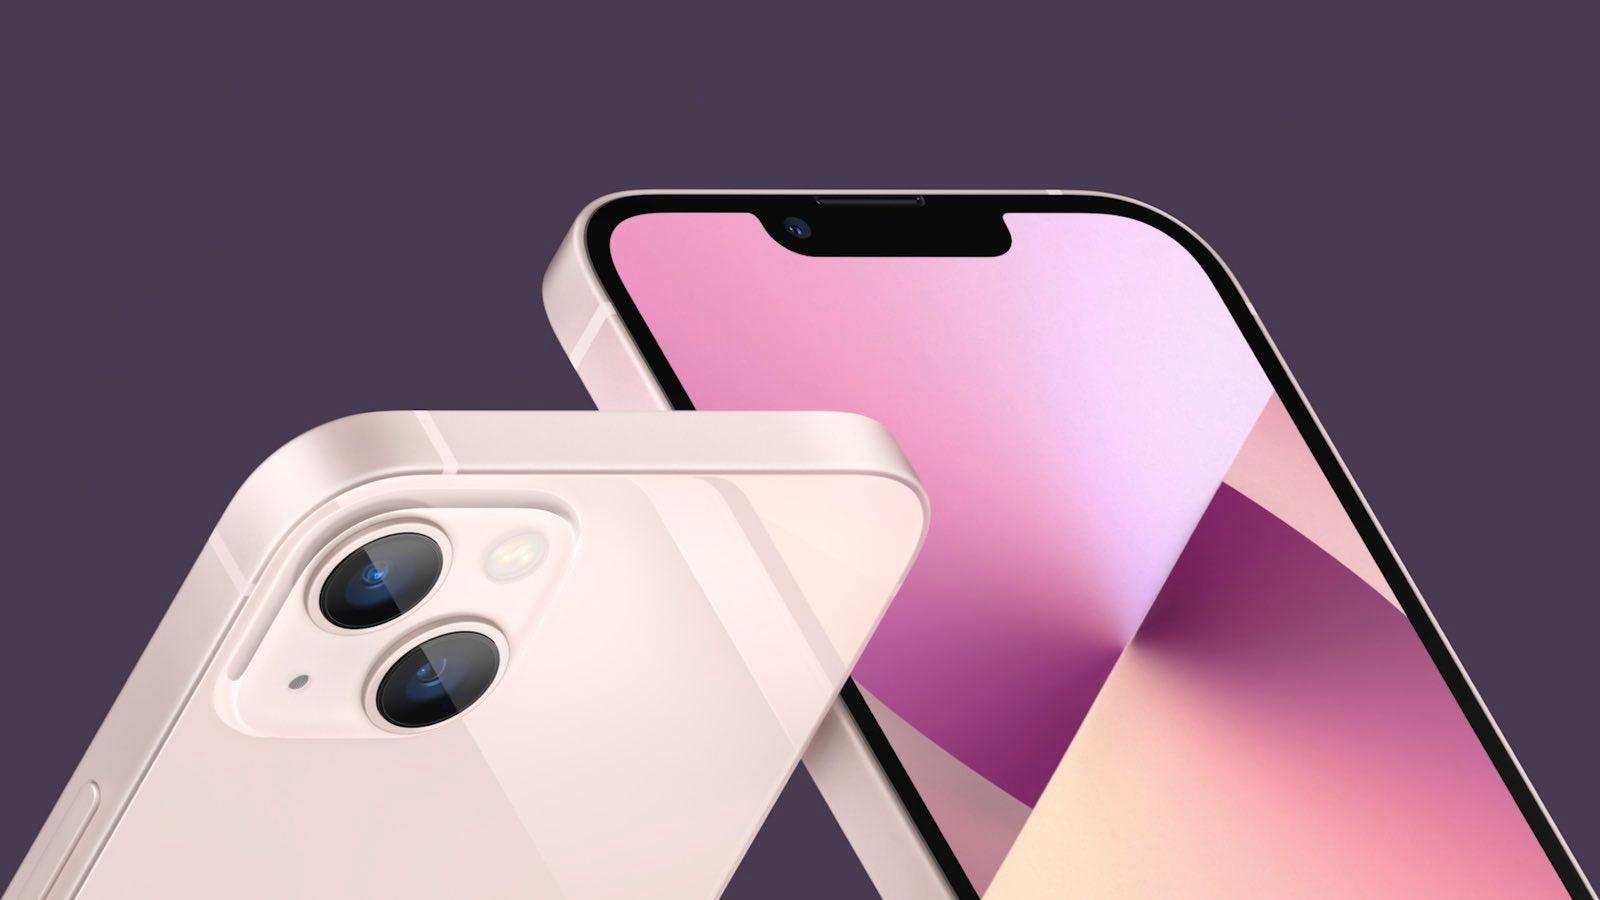 Megjelentek az új Apple-termékek, amikben az a legvonzóbb, hogy nem lettek drágábbak az elődjeiknél